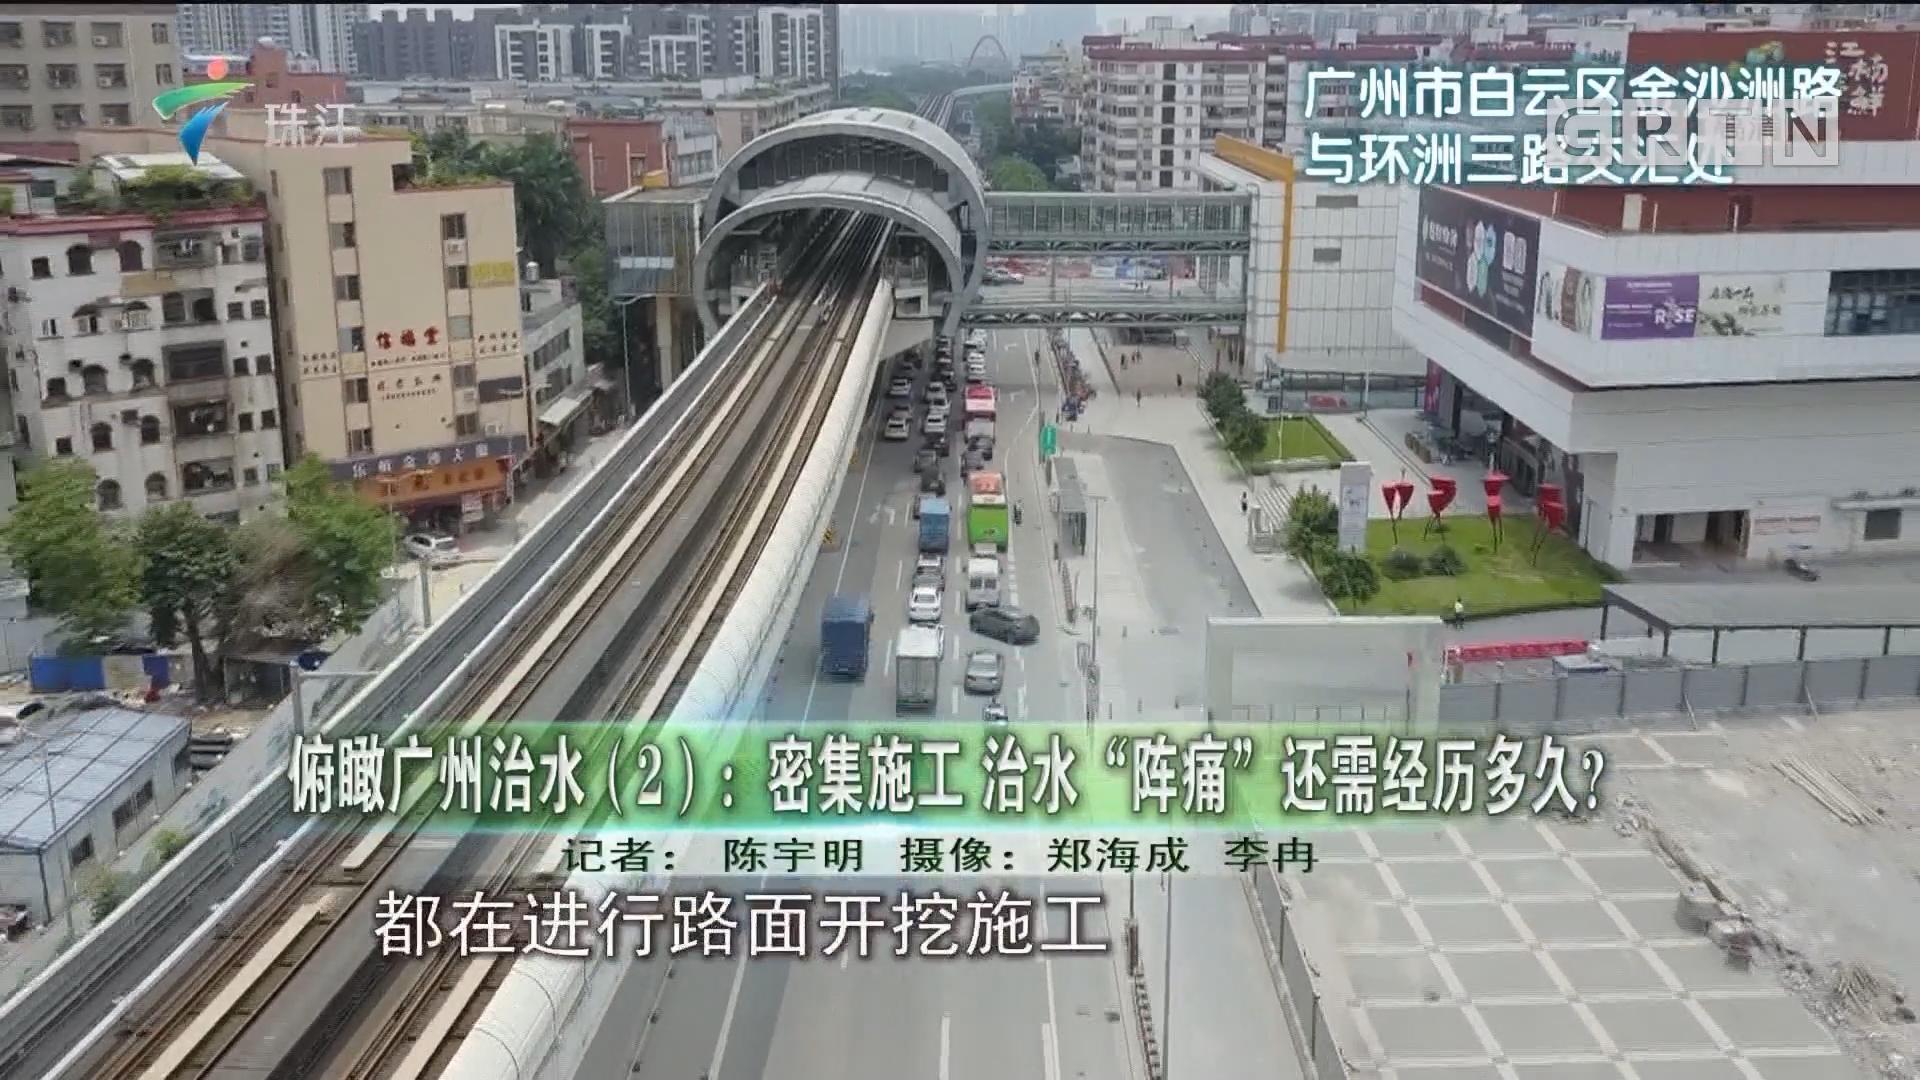 """俯瞰广州治水(2):密集施工 治水""""阵痛""""还需经历多久?"""